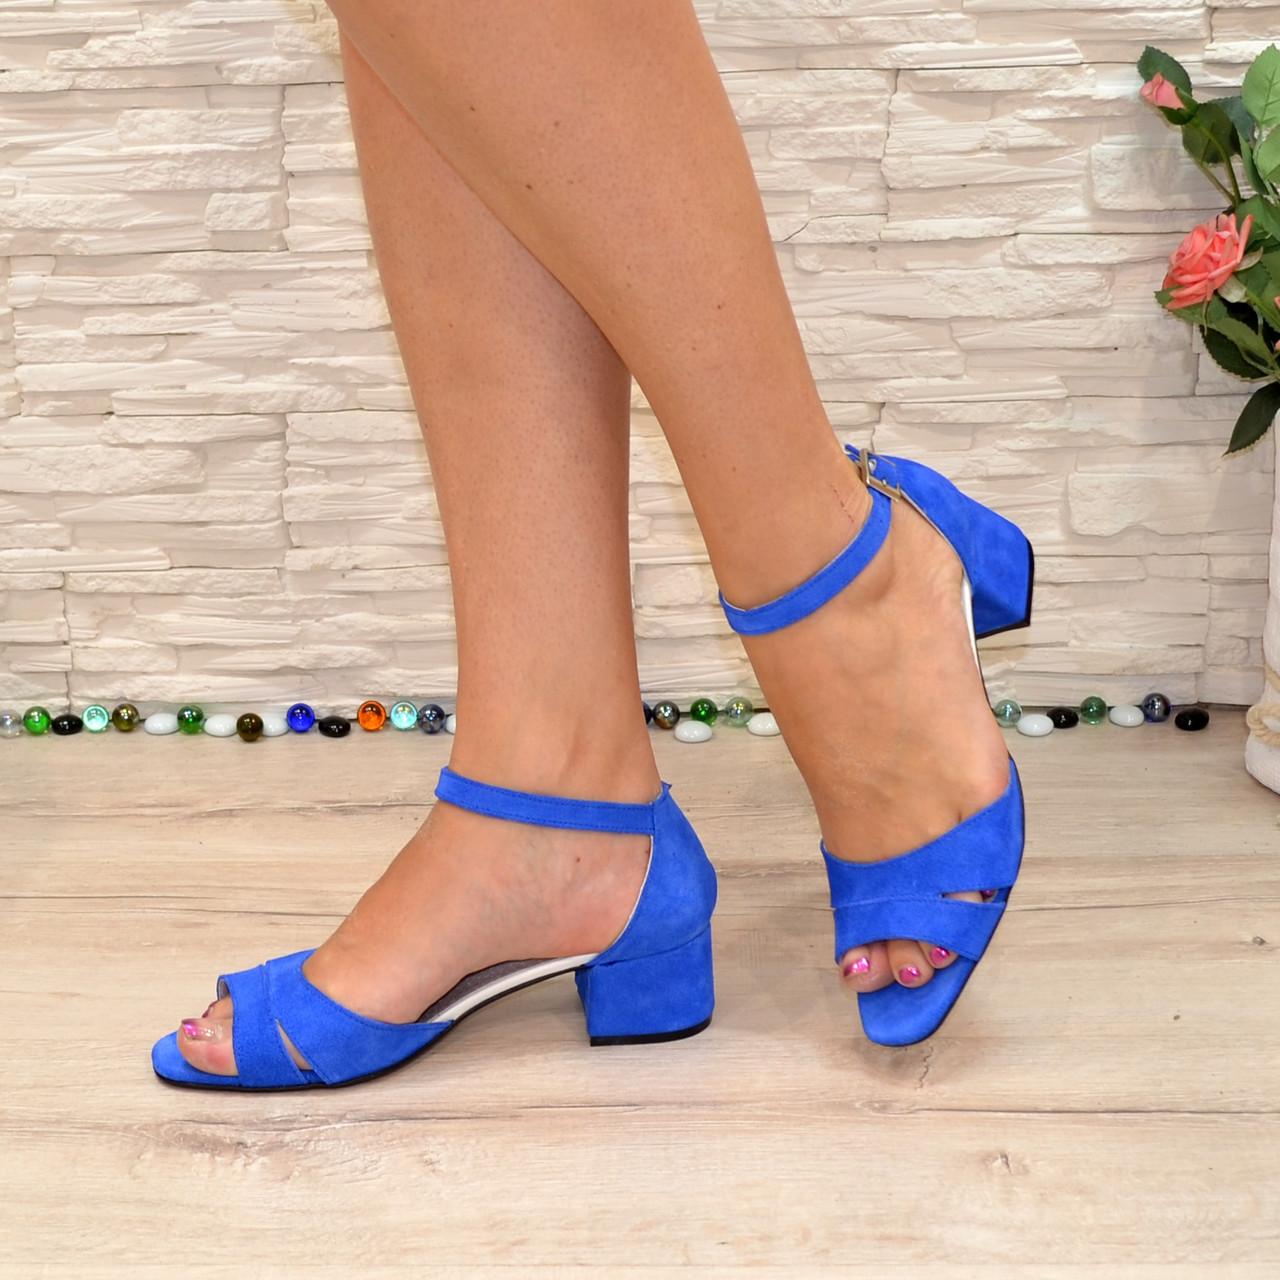 Босоножки женские замшевые на невысоком каблуке, цвет электрик